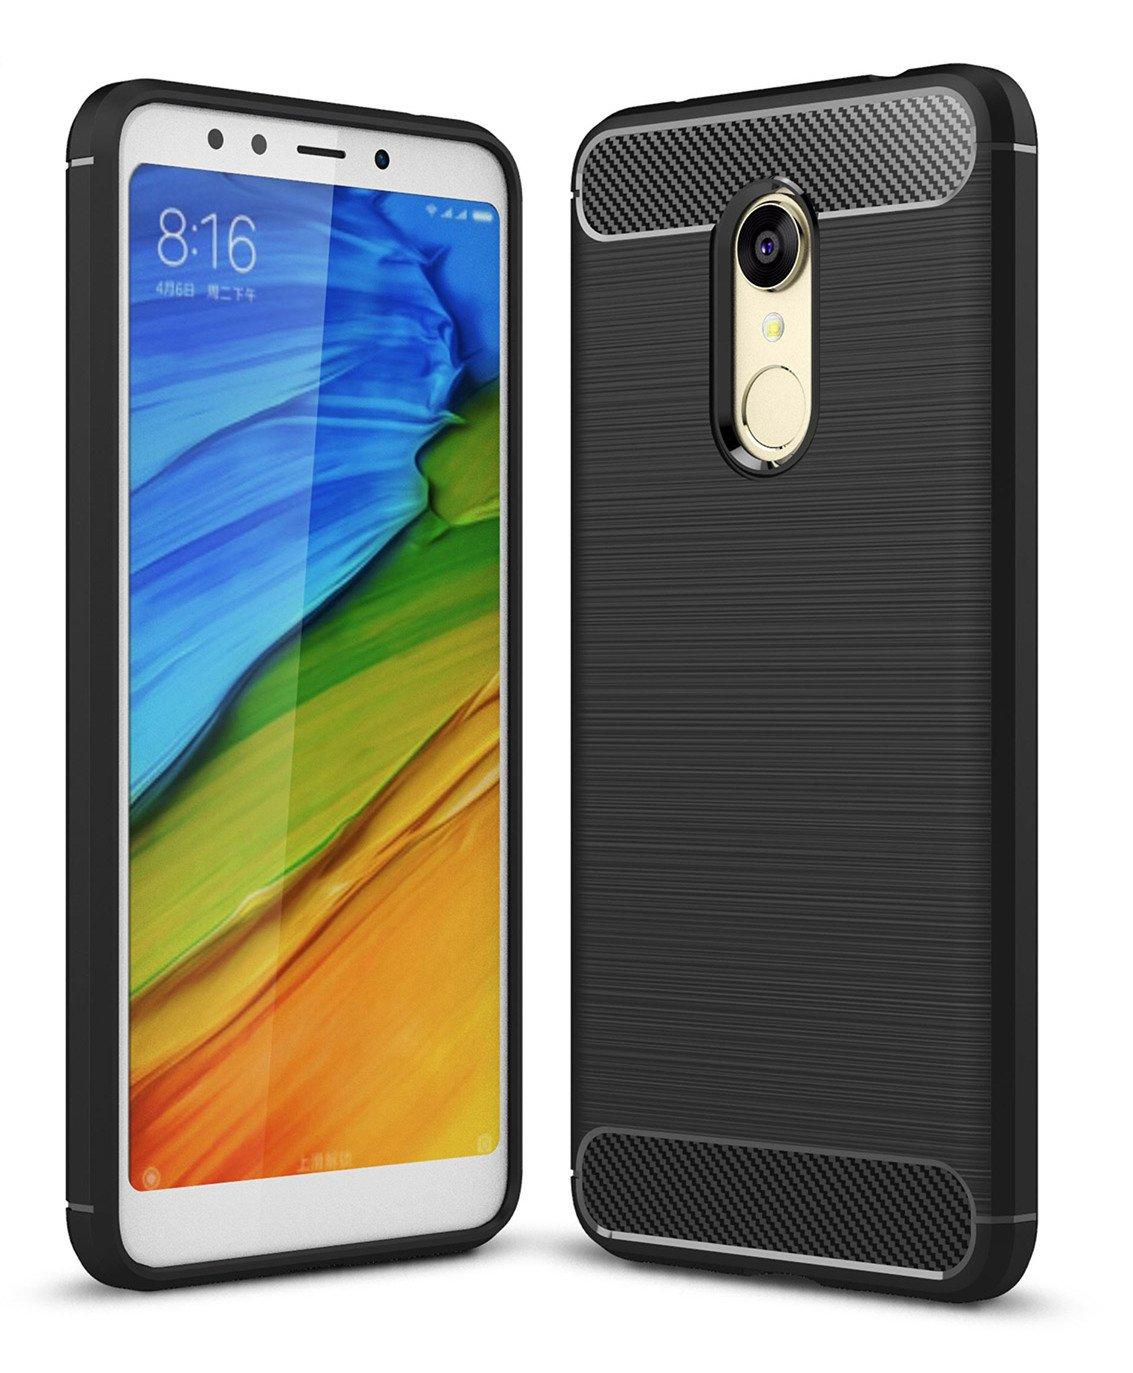 SPAK Xiaomi Redmi 5 Plus Custodia,Ultra Sottile Protettiva Guscio in Silicone TPU Caso per Xiaomi Redmi 5 Plus (Nero)